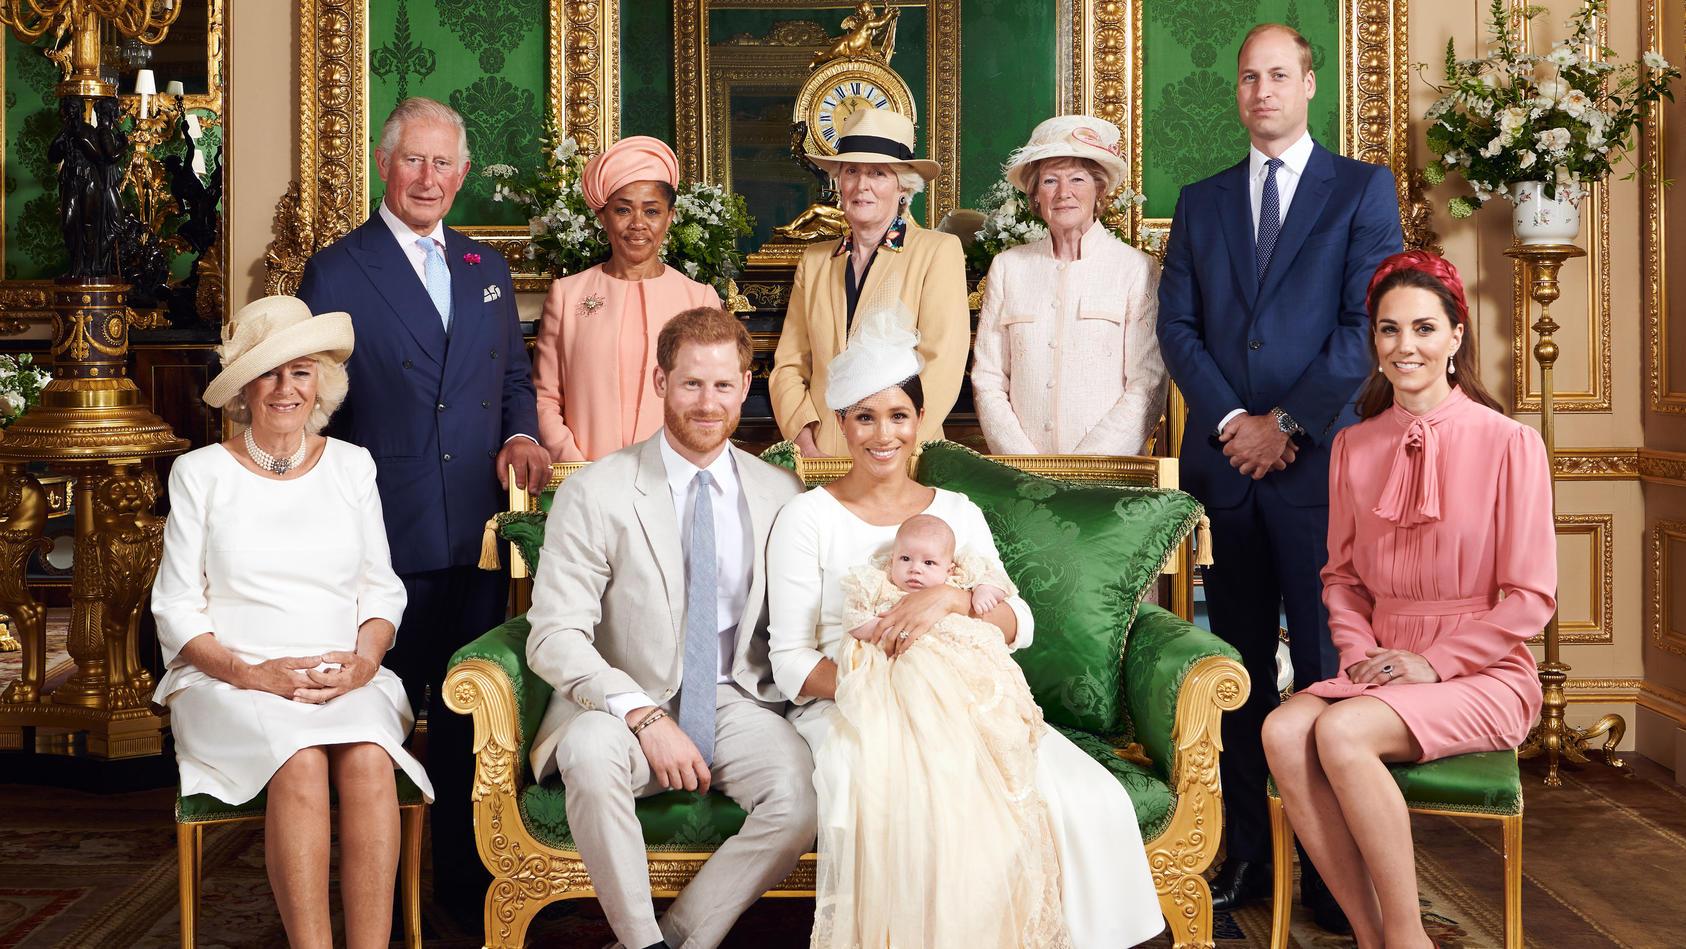 Die Taufe von Baby Archie fand im Familienkreis statt.